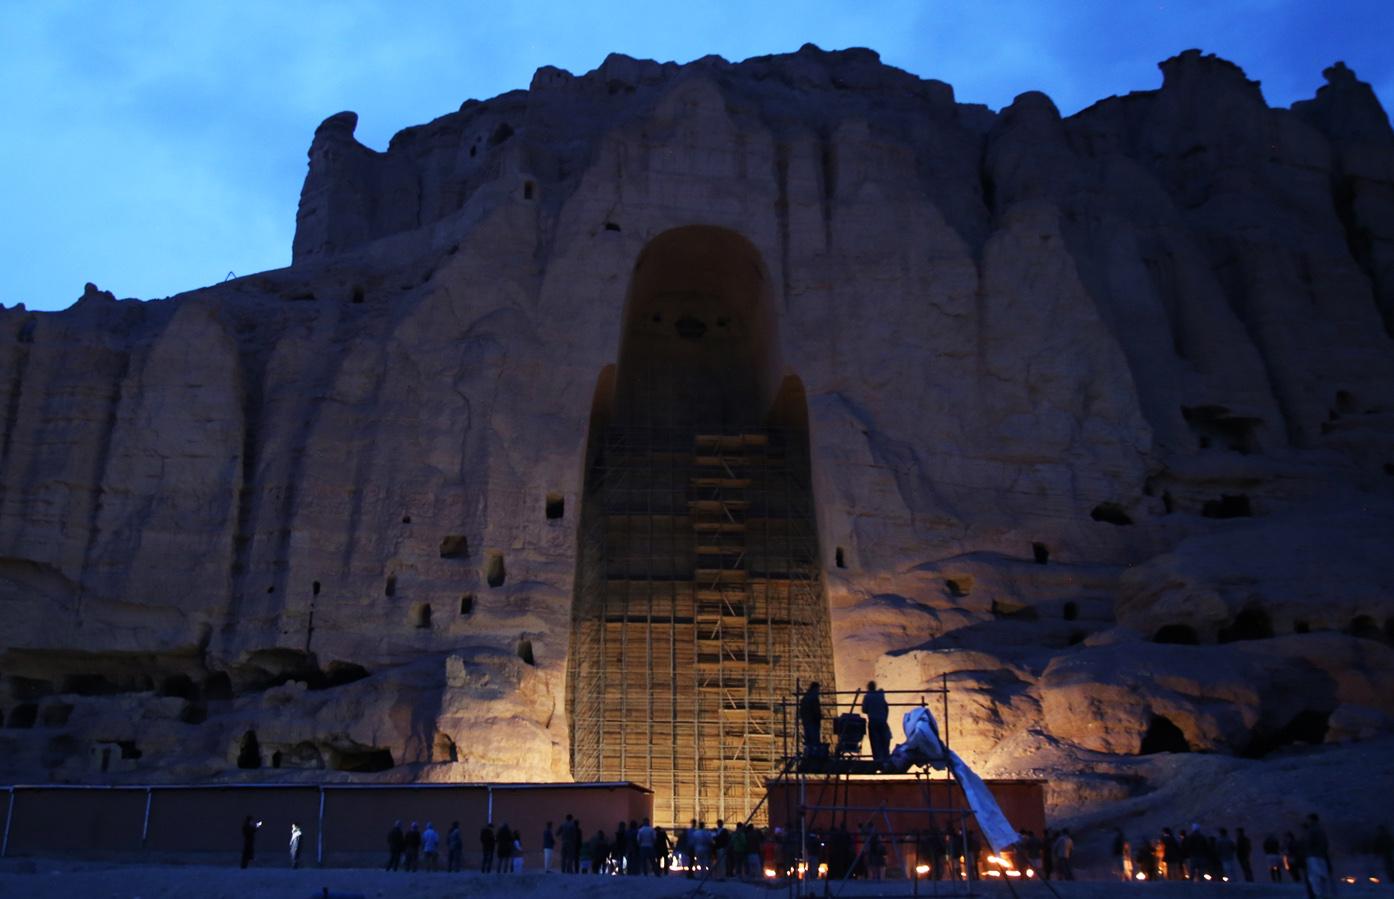 当地时间2021年3月9日,在阿富汗中部巴米扬省,人们参加巴米扬大佛被塔利班政权炸毁20周年的纪念活动。新华社 图